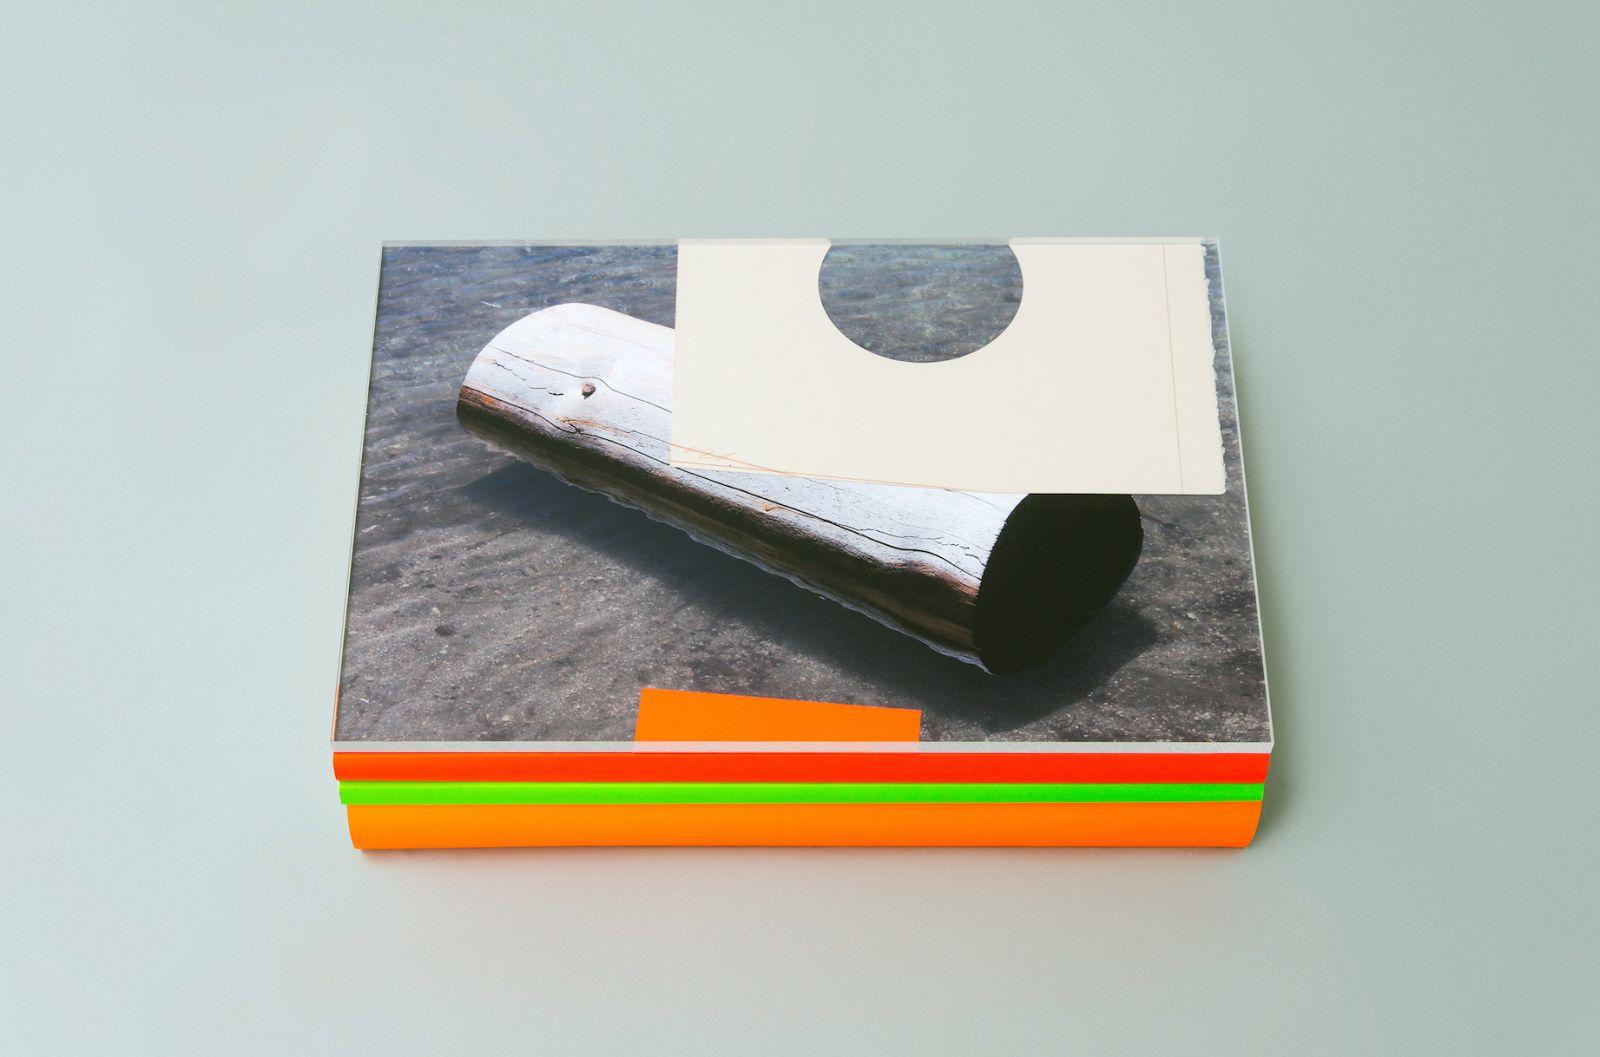 benoit-gehanne-mille-feuilles-08-2014-photographies-papier-decoupes-plexiglass-32x45-cm-332642b43f35953ce09597936888b019